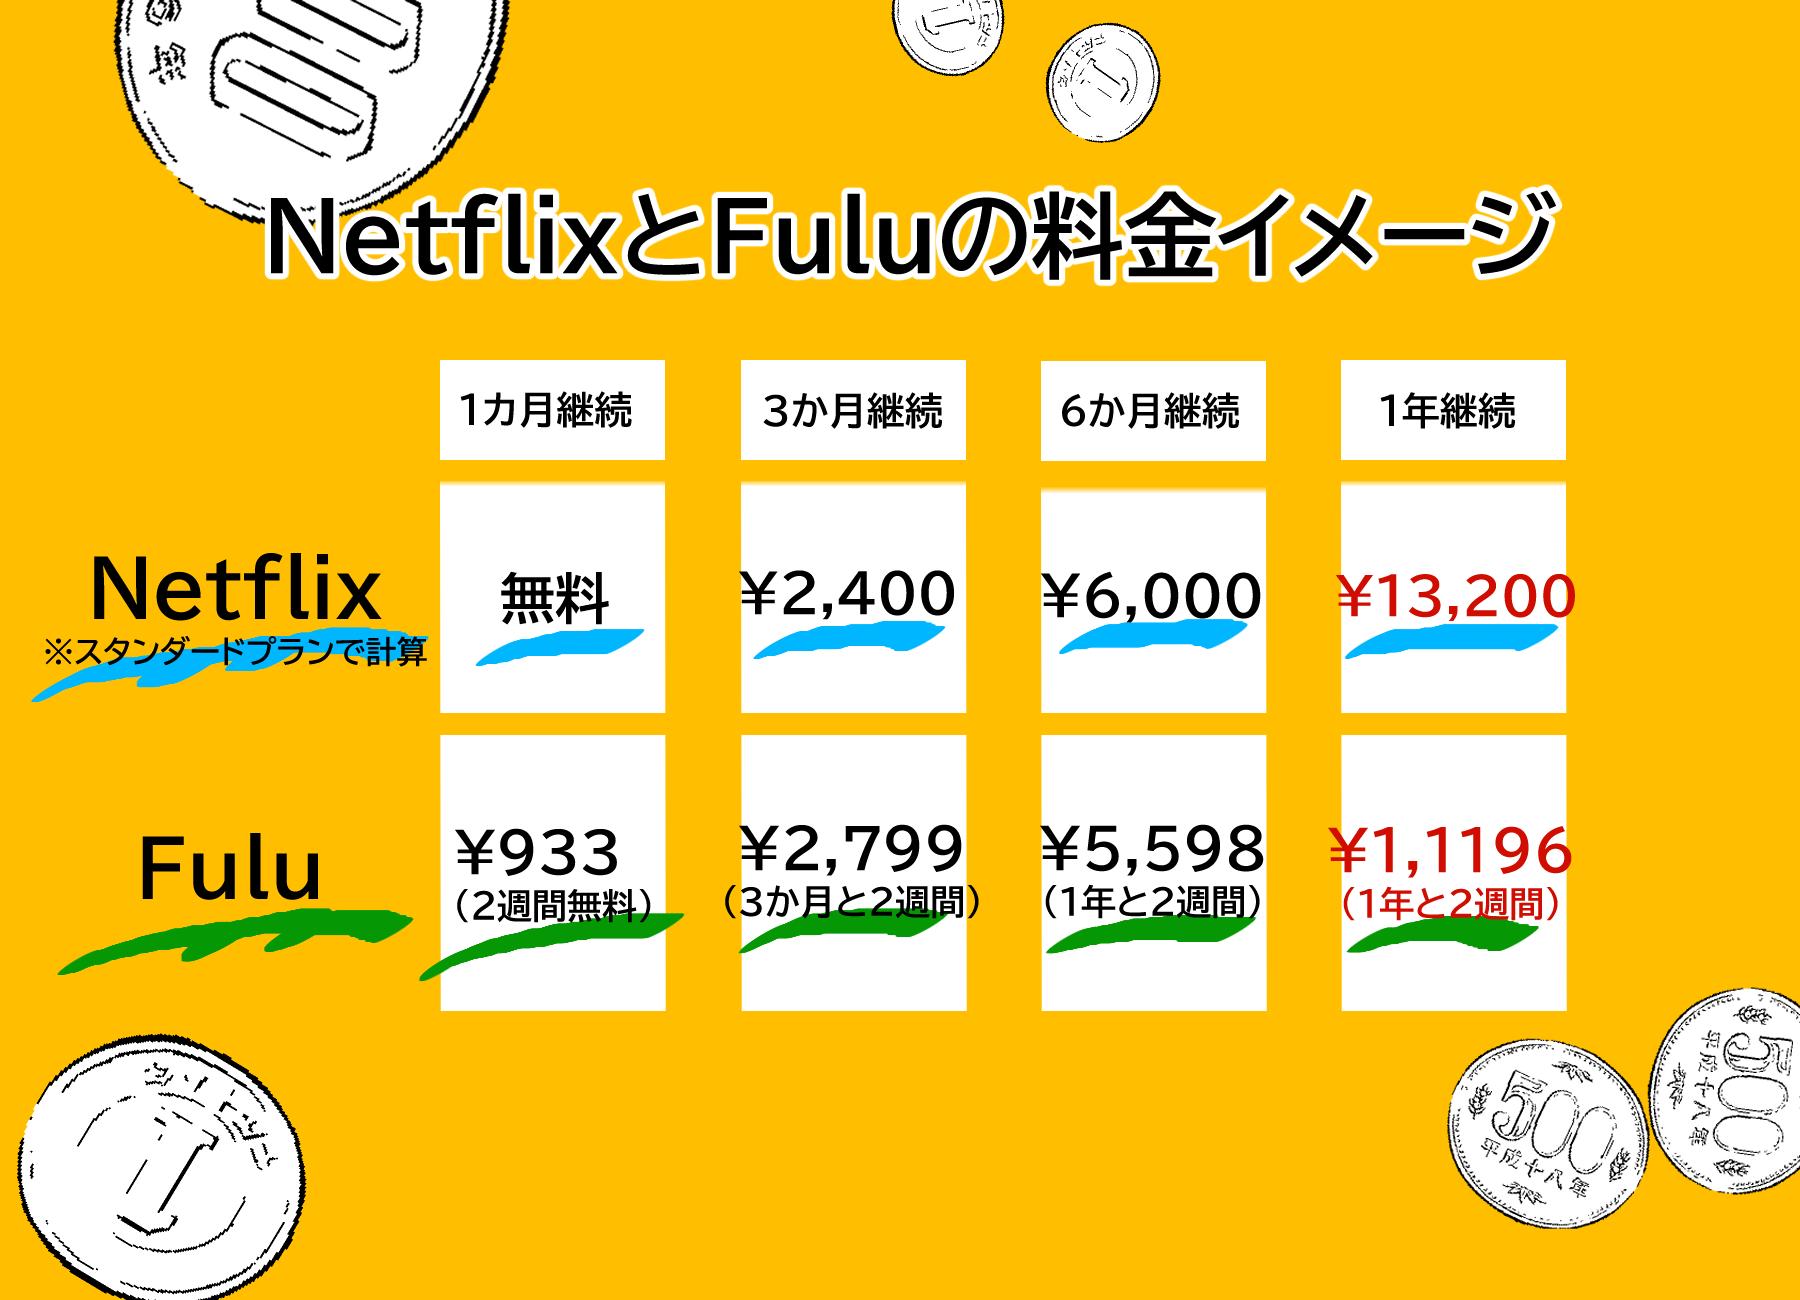 netflixとfuluの料金比較